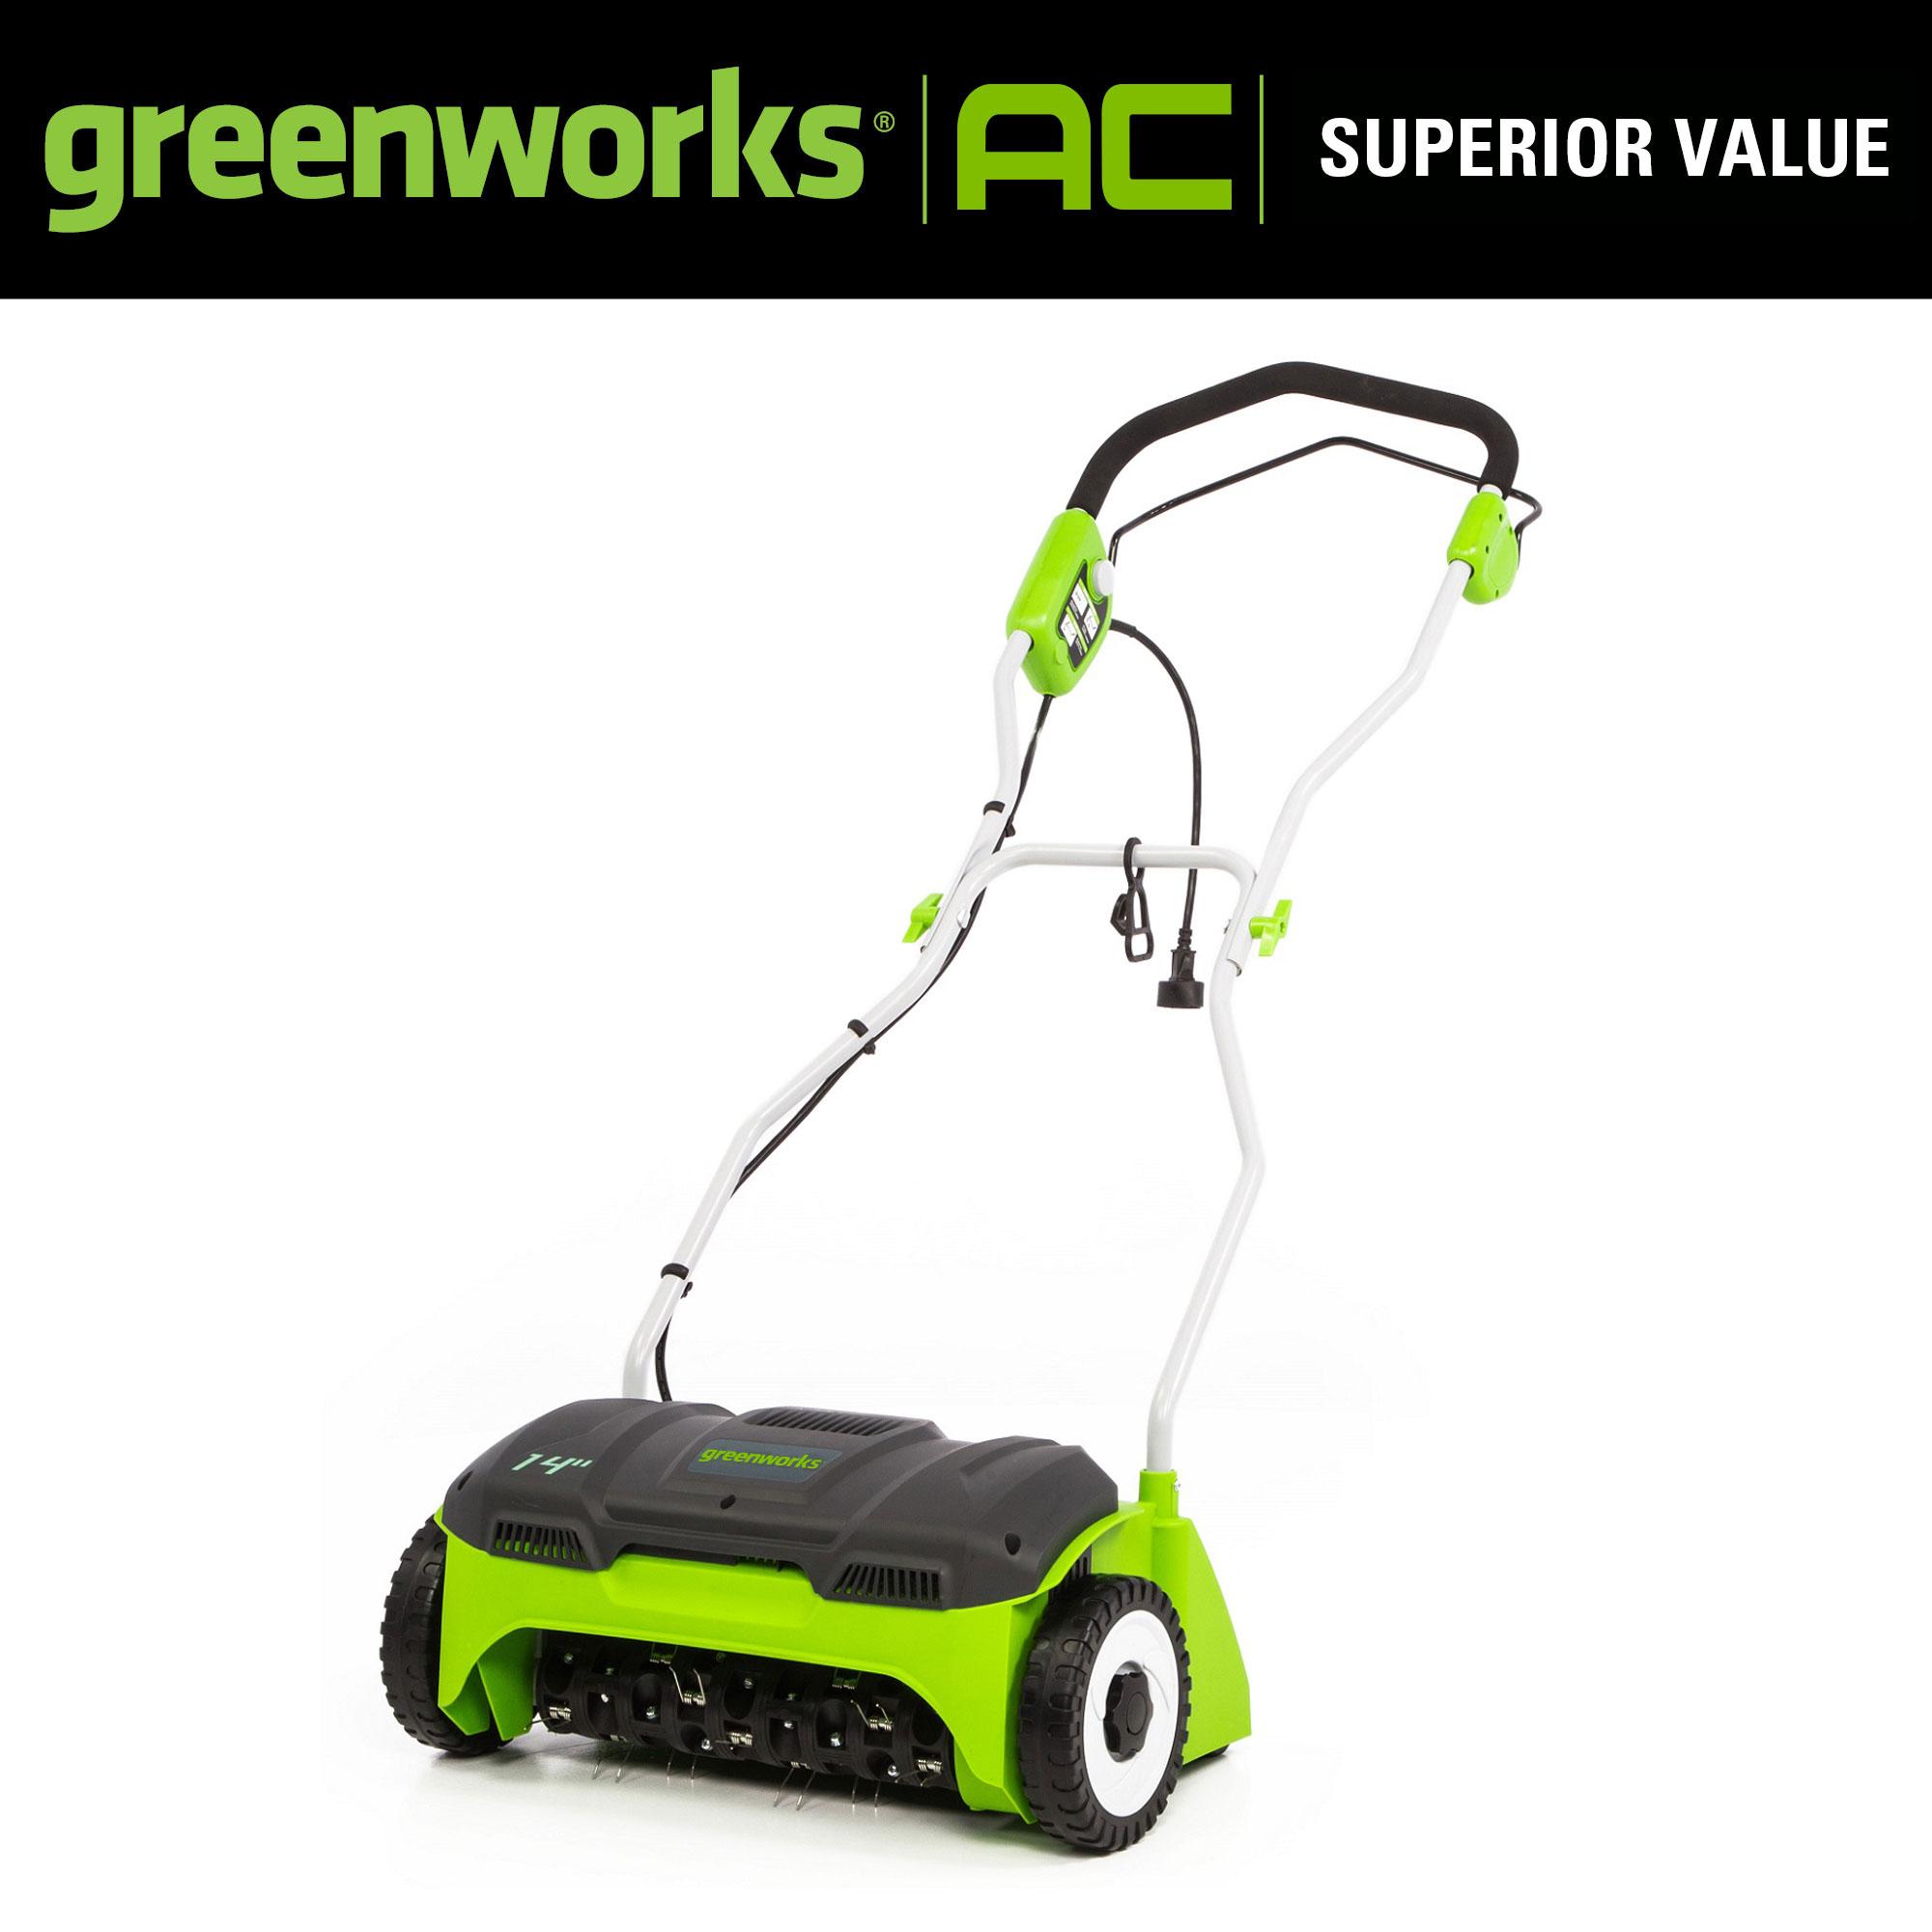 Greenworks 14 in. 10 Amp Corded Dethatcher, DT14B00 - Walmart.com - Walmart.com $99.99